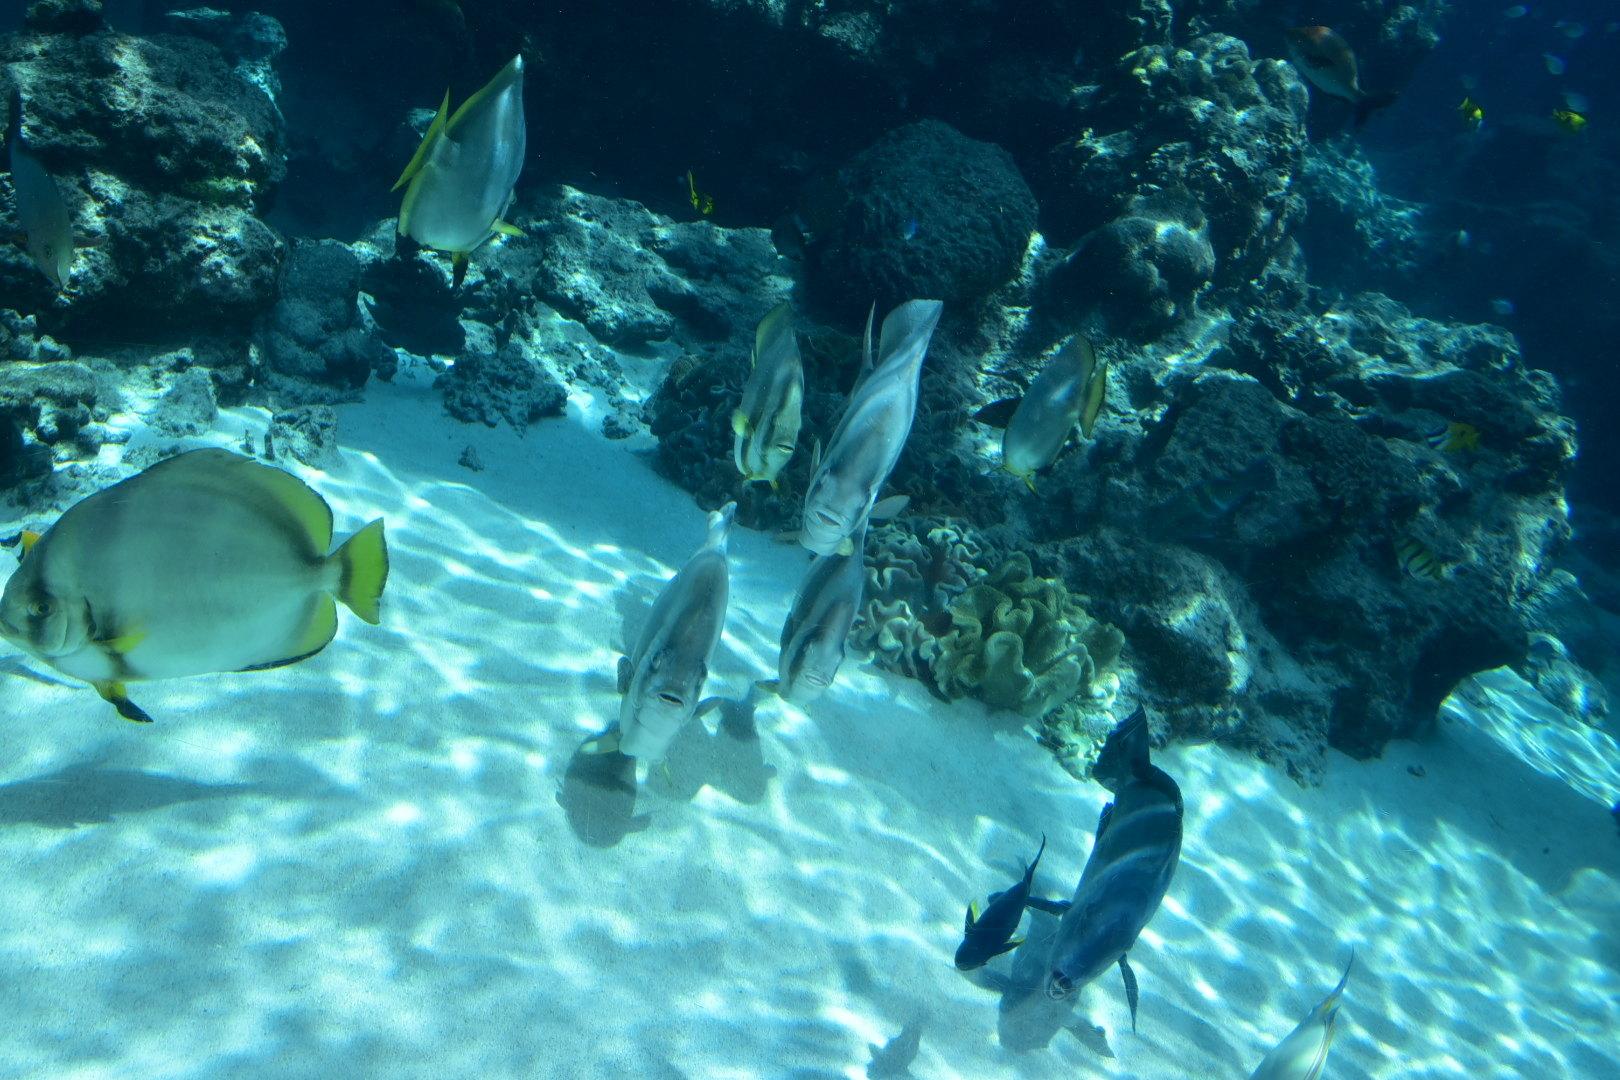 壁纸 海底 海底世界 海洋馆 水族馆 桌面 1620_1080